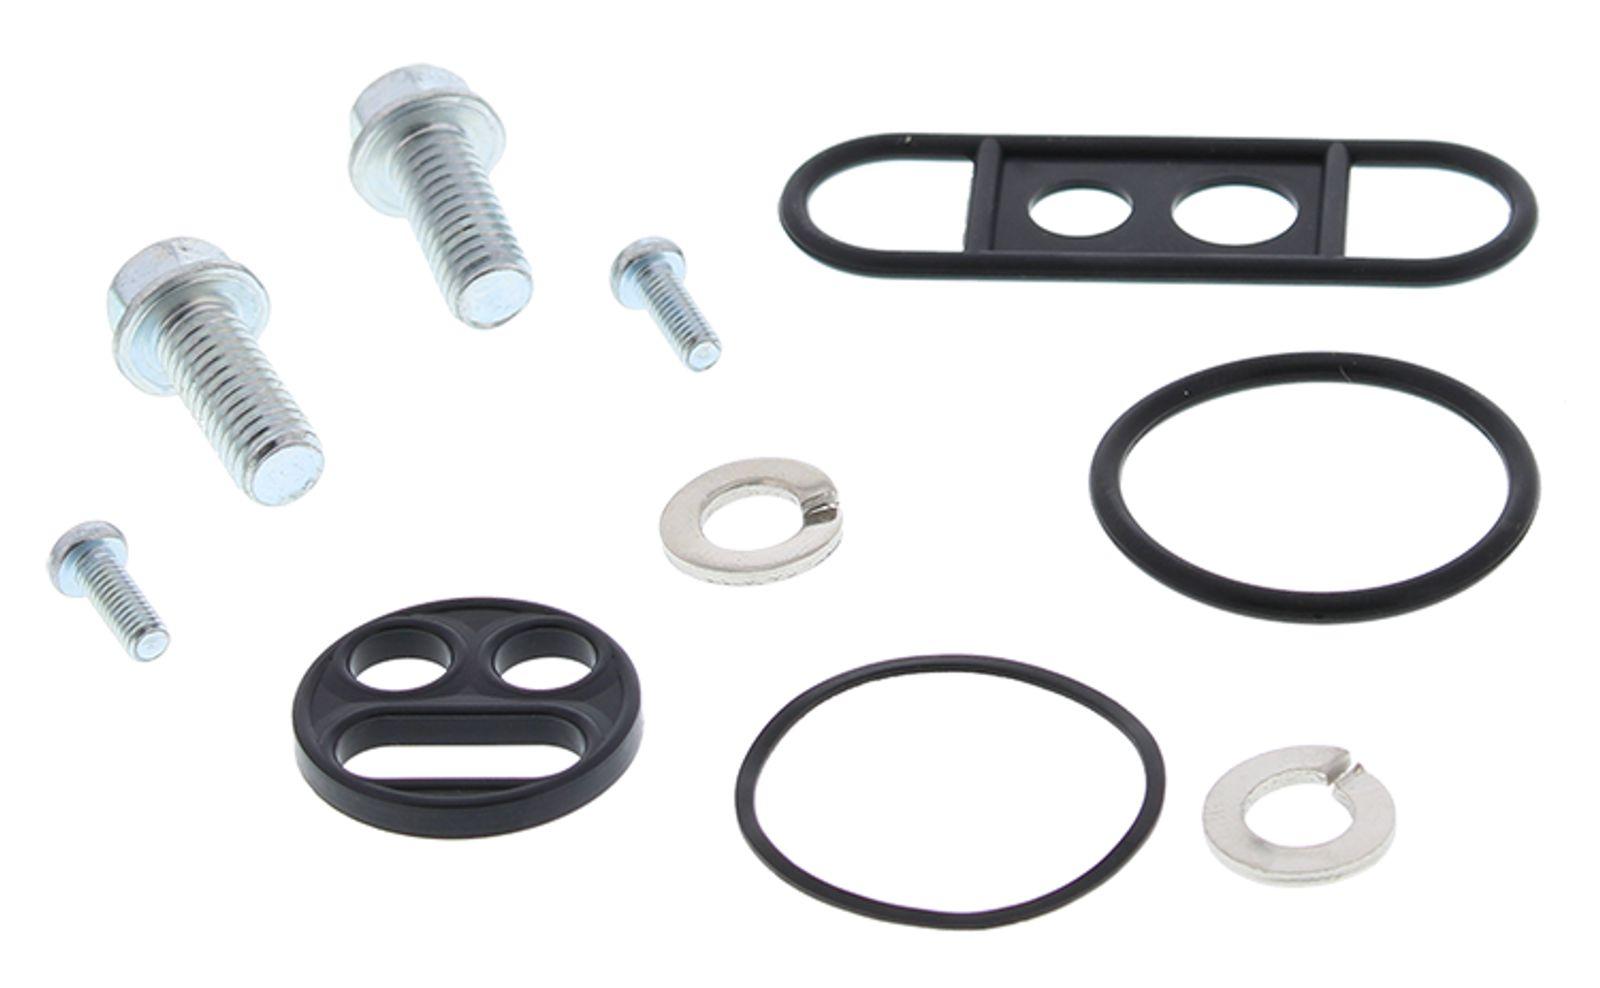 Wrp Fuel Tap Repair Kits - WRP601016 image